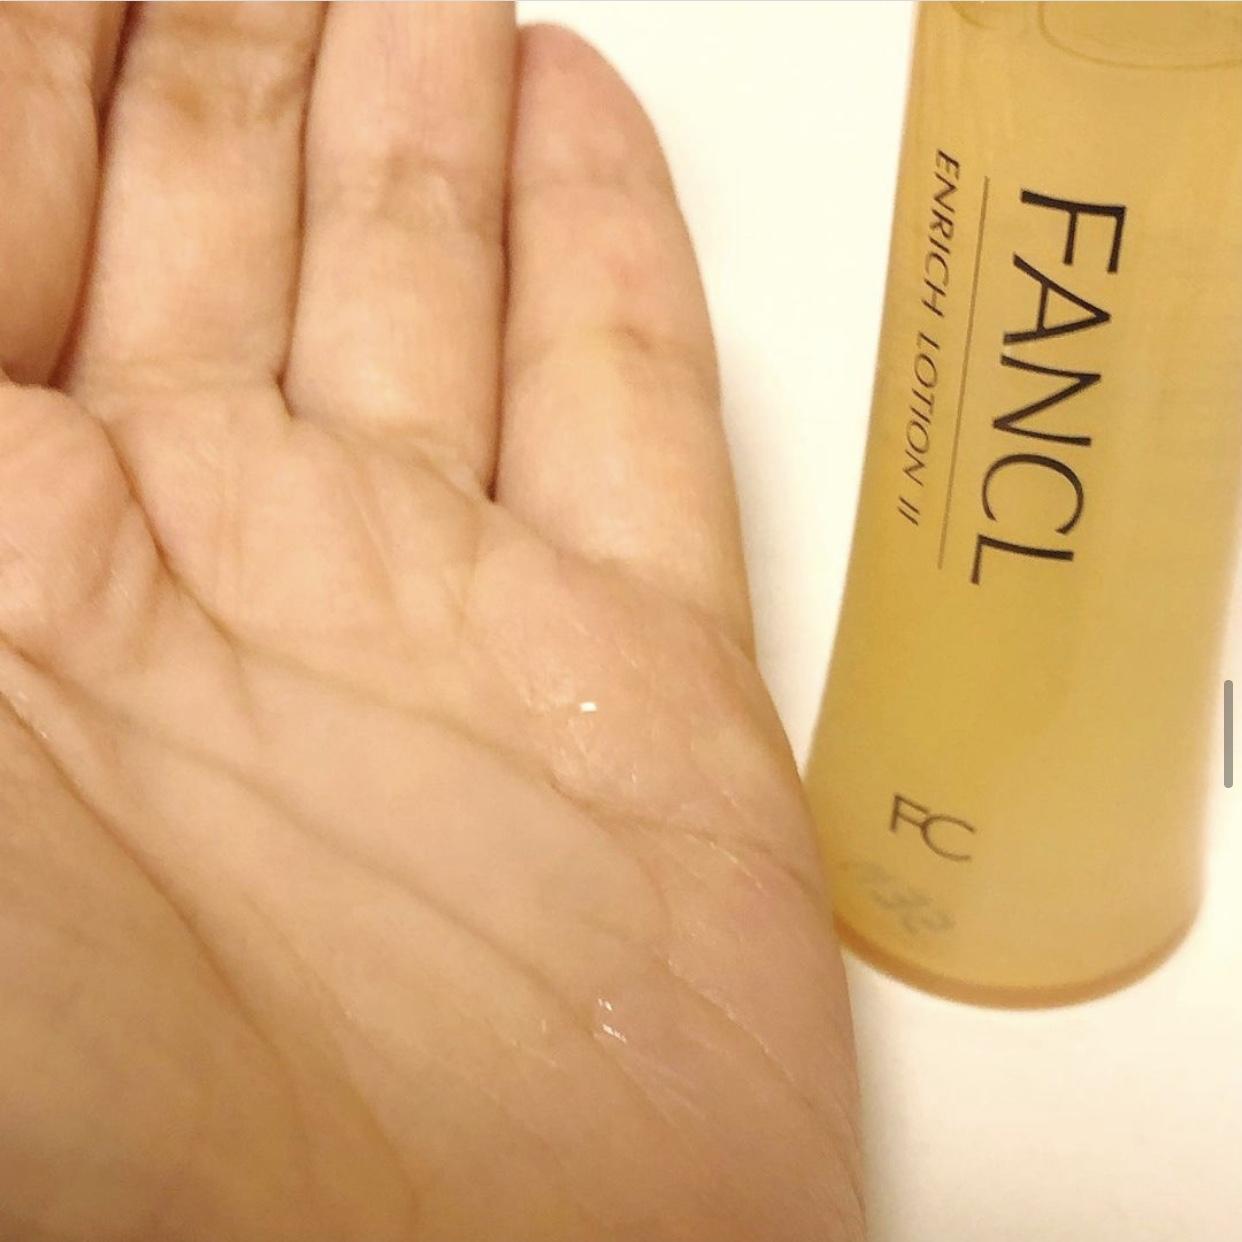 FANCL(ファンケル) エンリッチ 化粧液 IIを使ったlisa.1656さんのクチコミ画像1